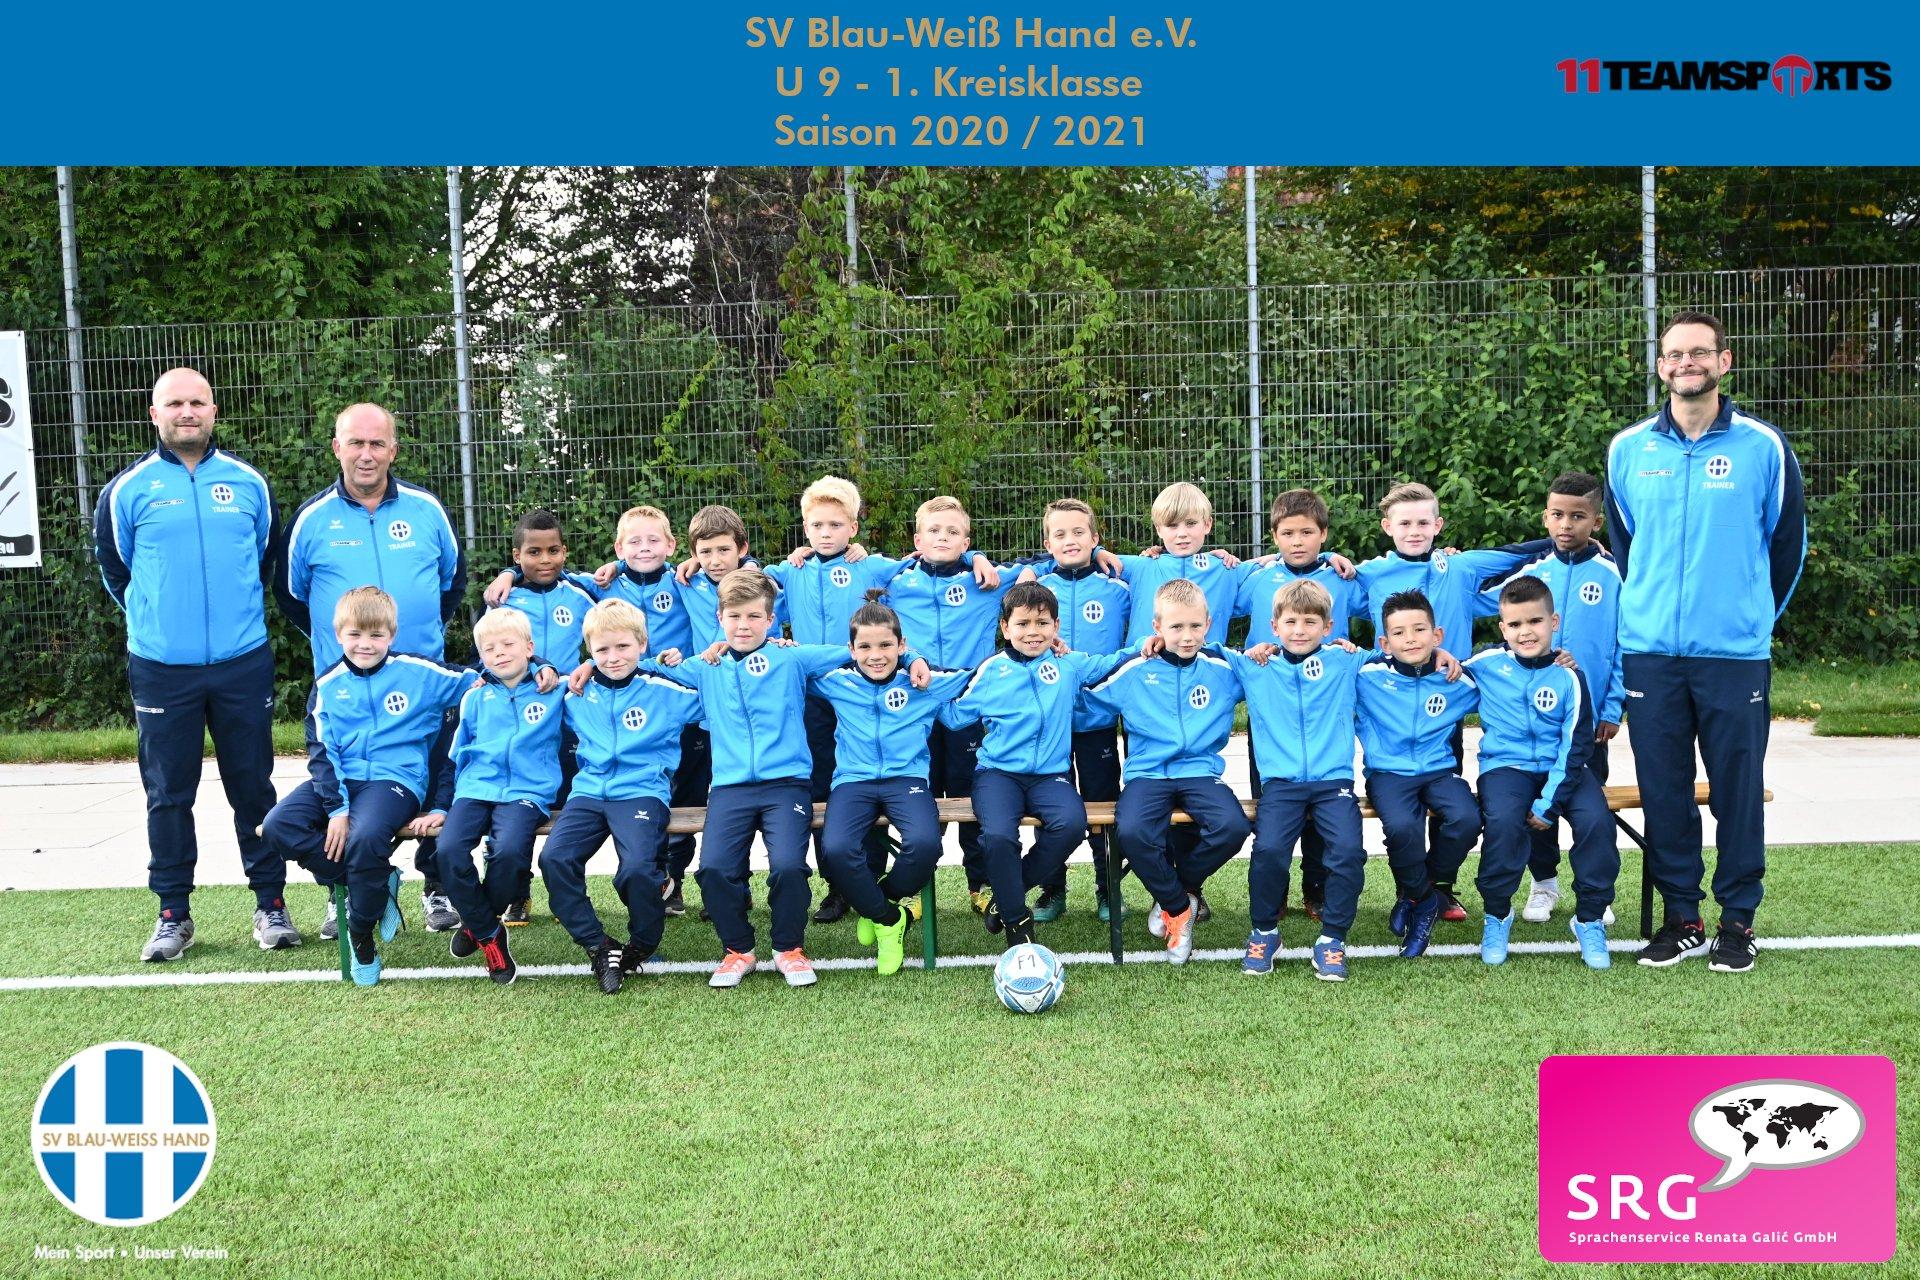 Blau Weiß Hand Sportverein Fußball U9